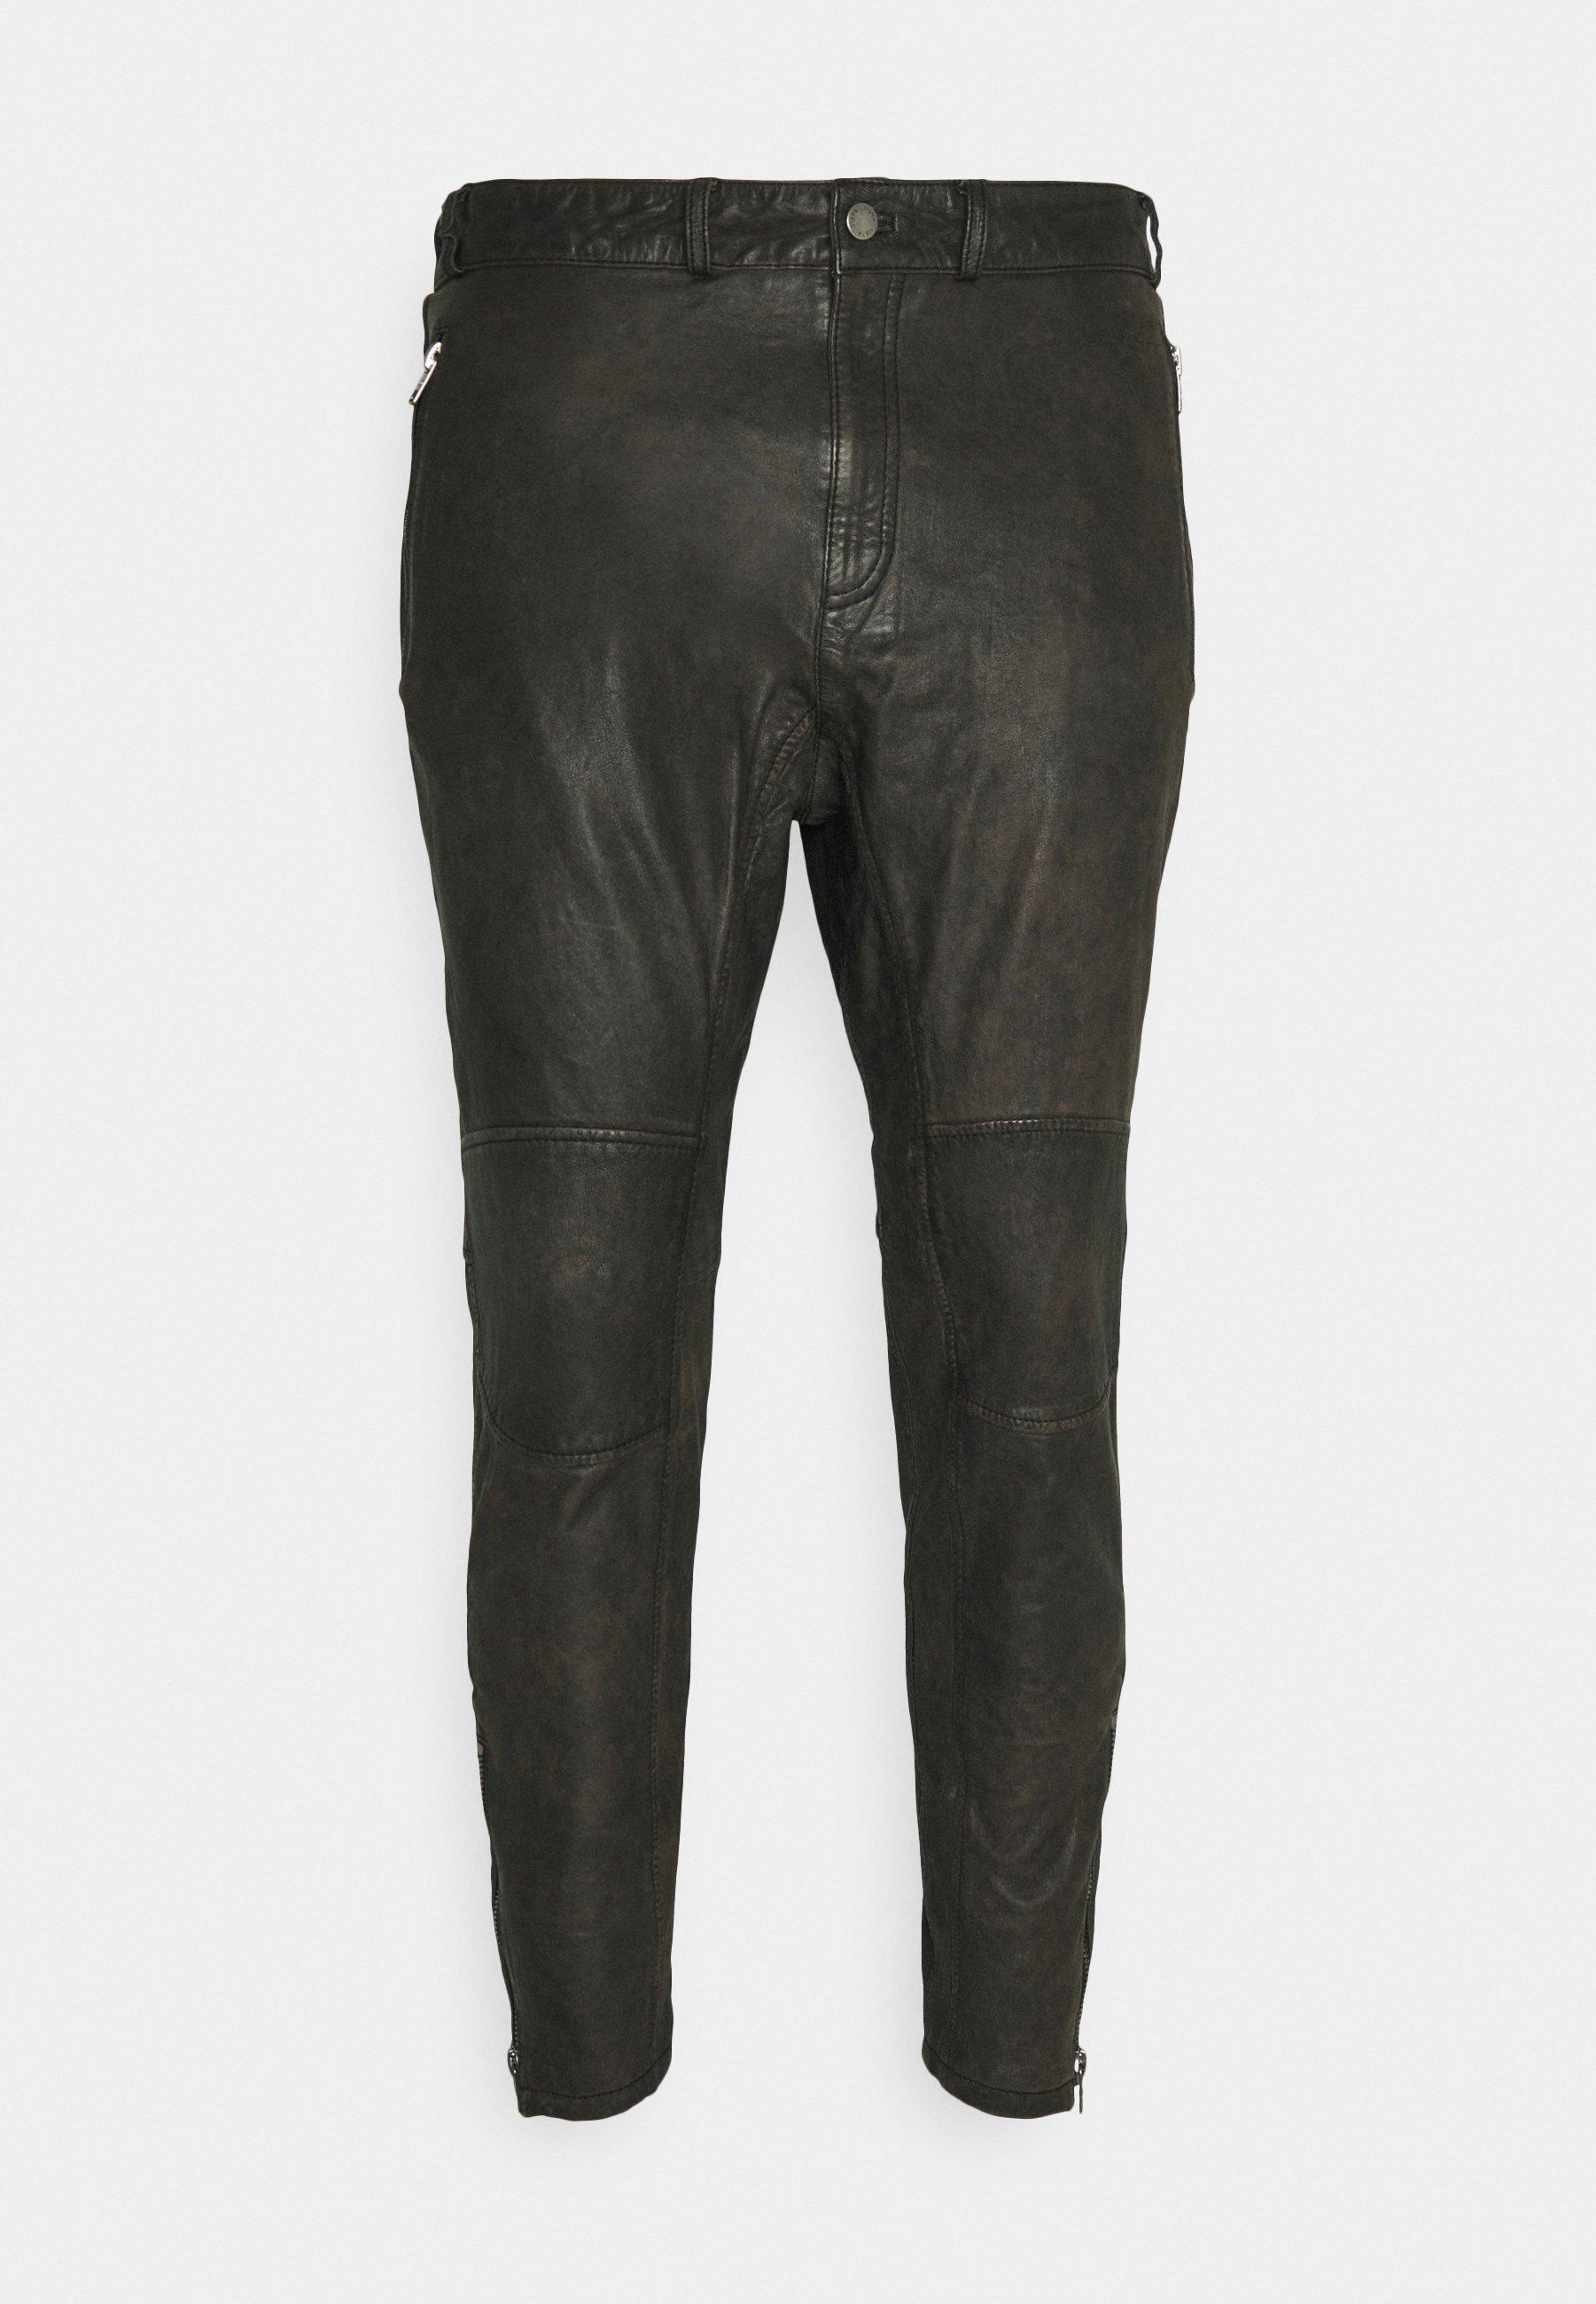 Homme CELSO - Pantalon en cuir